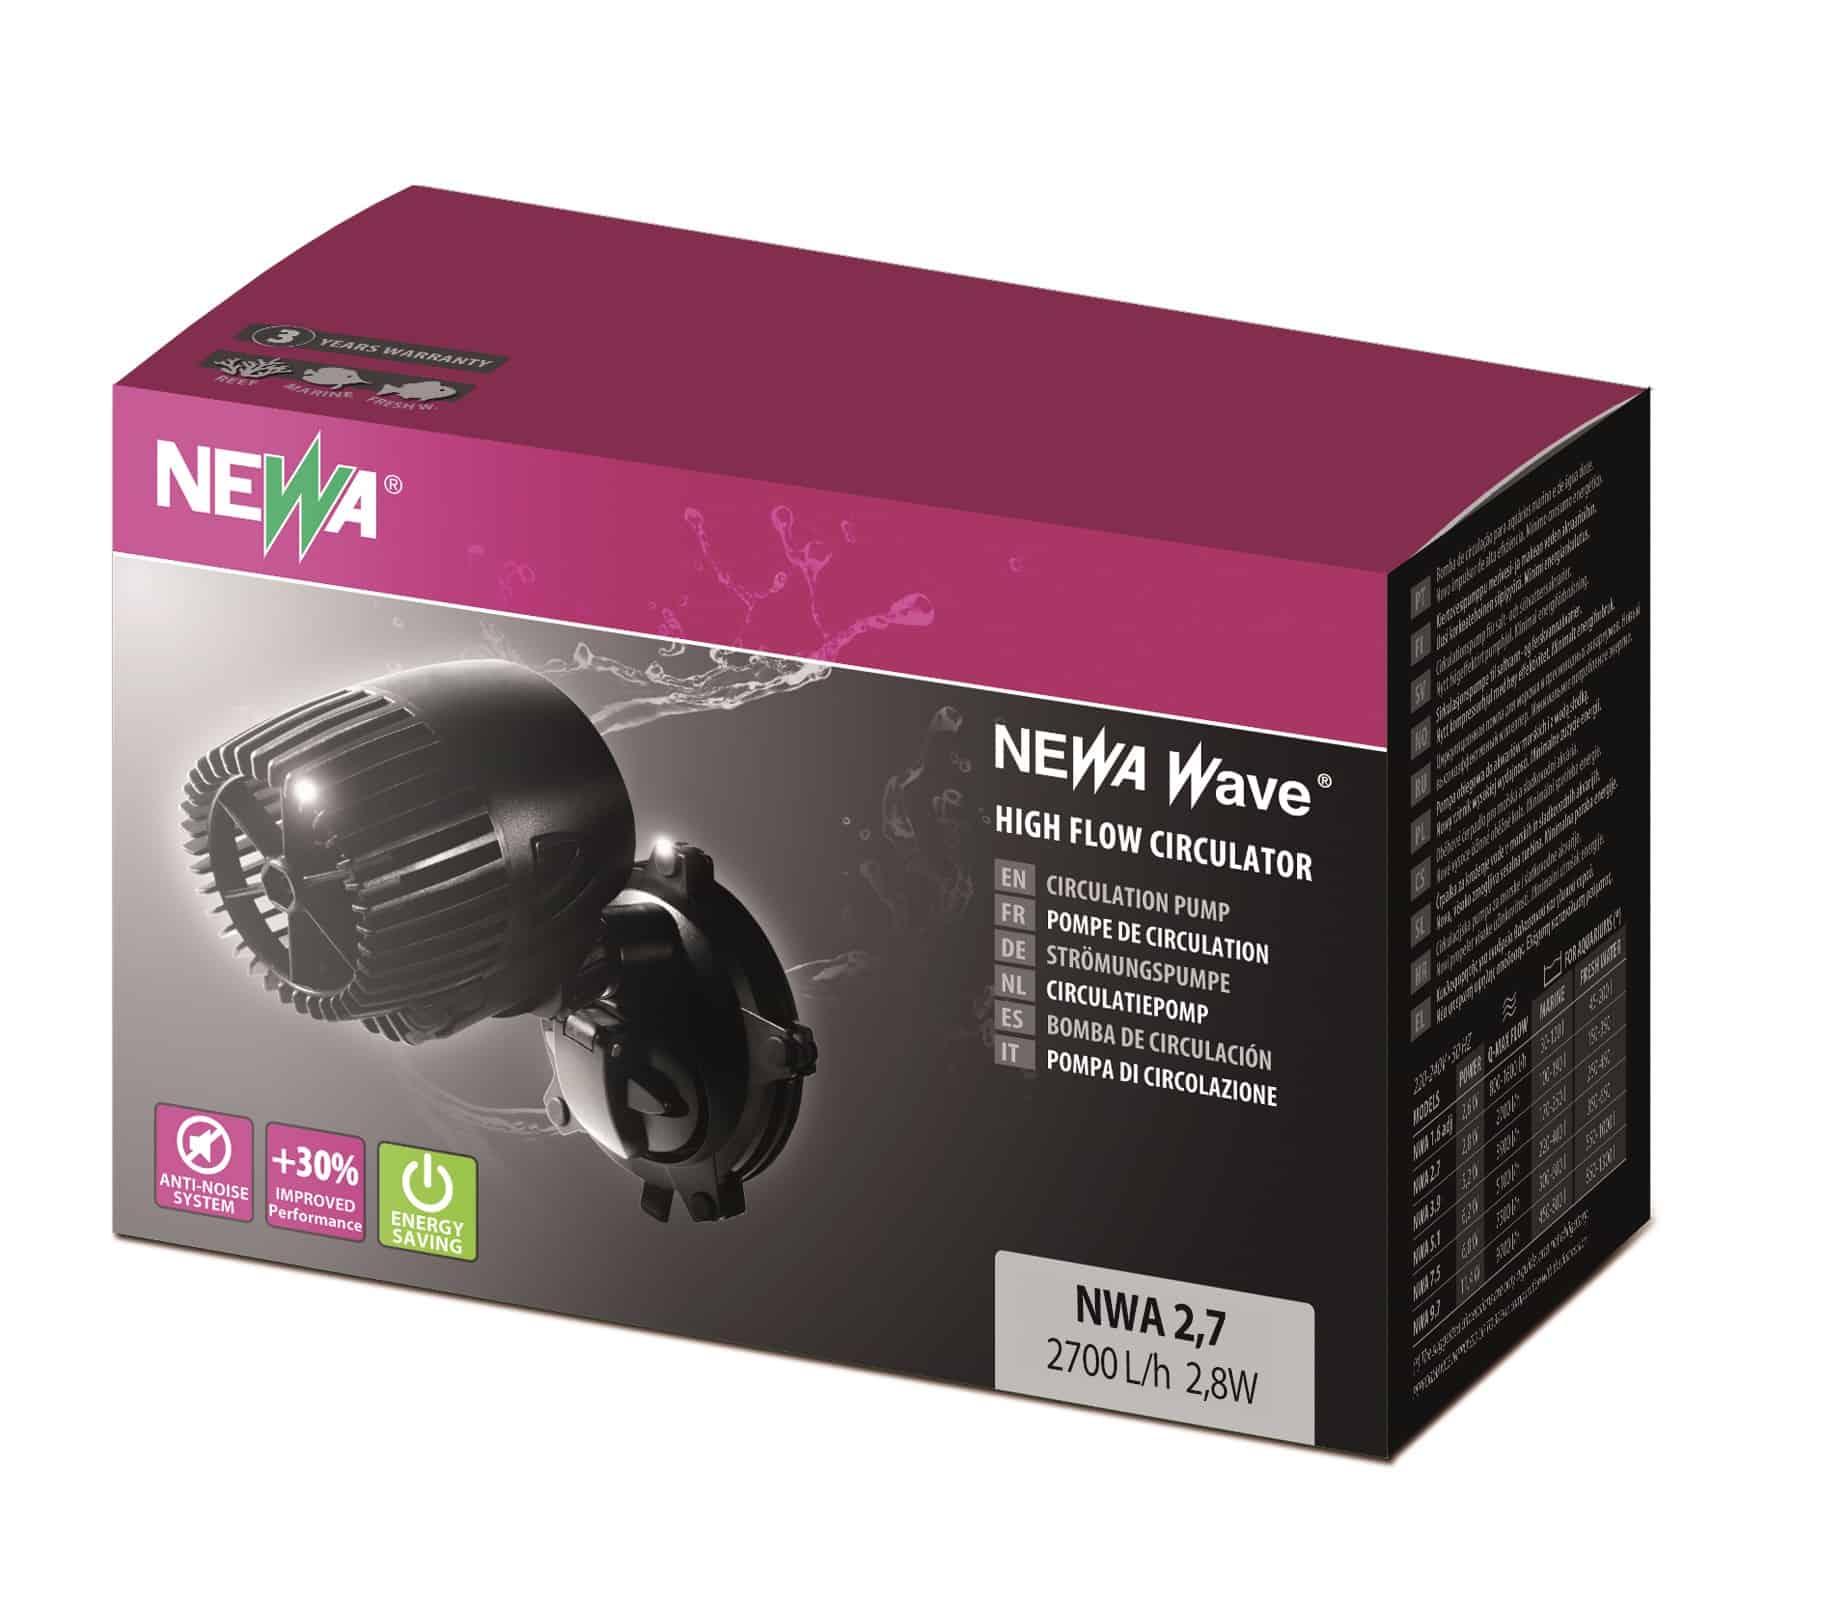 NEWA Wave NWA 2.7 pompe de brassage avec débit de 2700 L/h pour aquarium d\'eau de mer et d\'eau douce